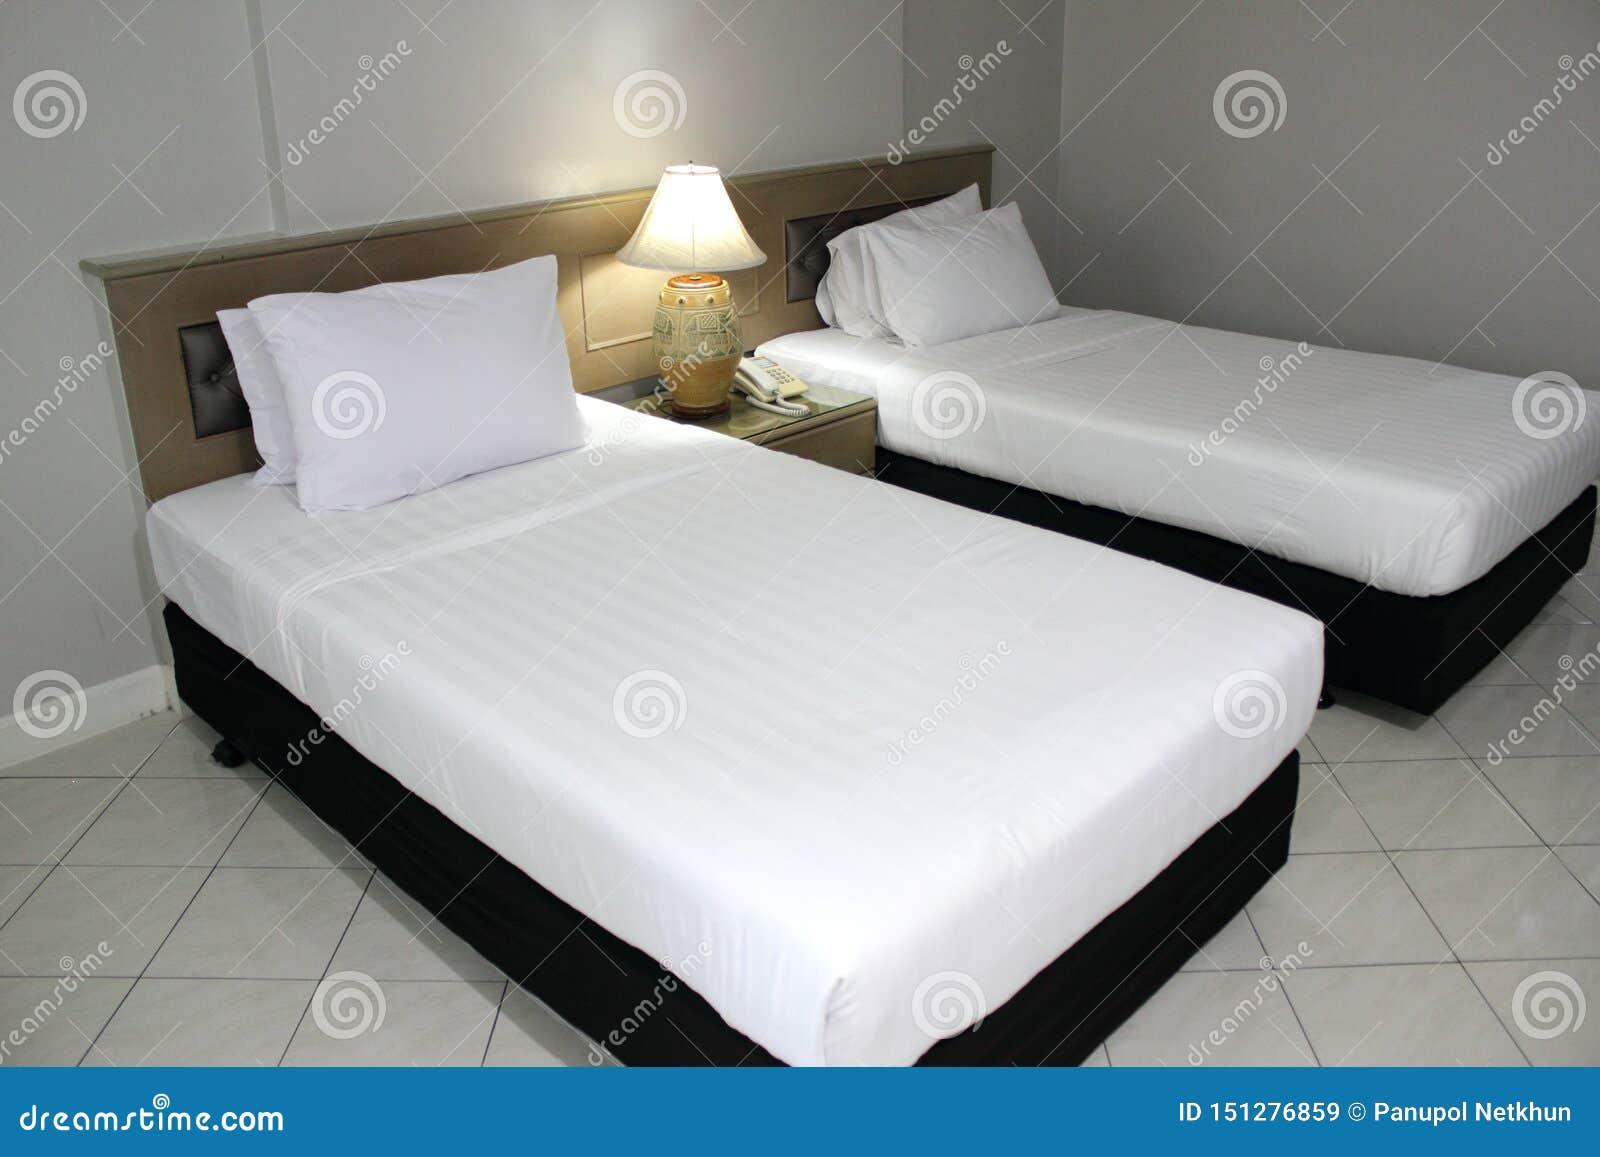 Colchão branco dobro e cama preta